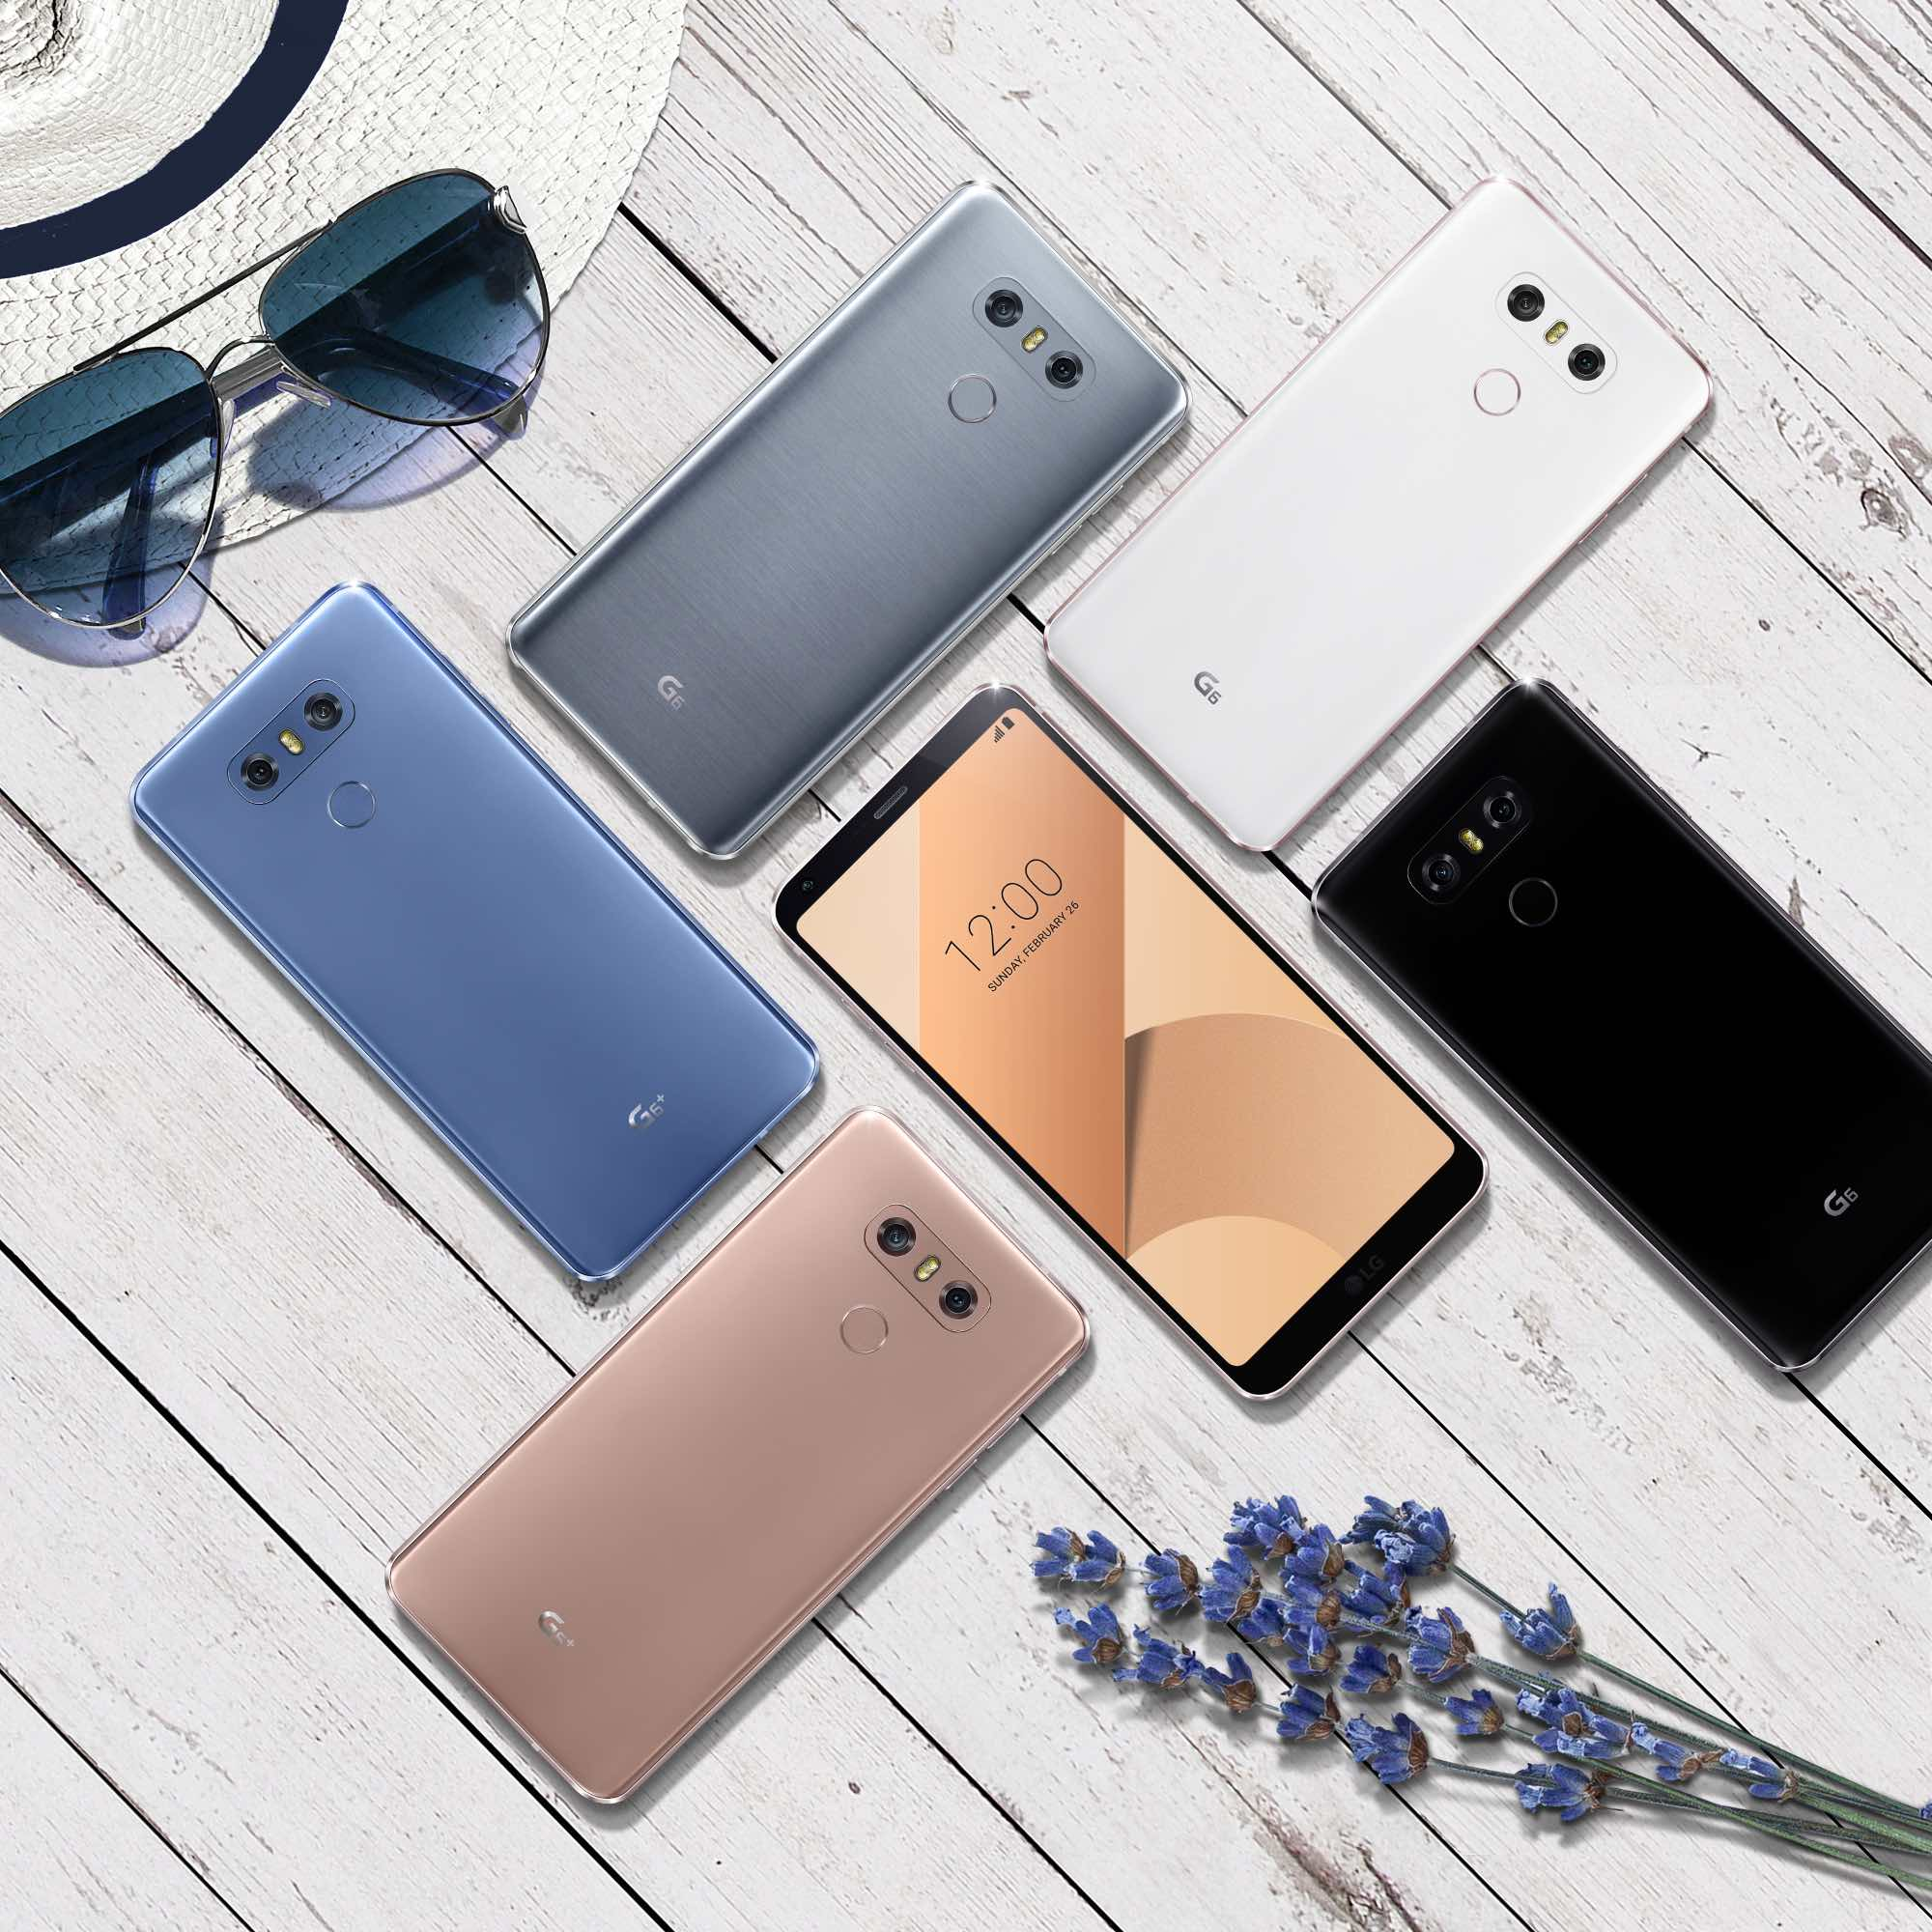 Nouvelles fonctionnalités sur le LG G6 et le LG G6+